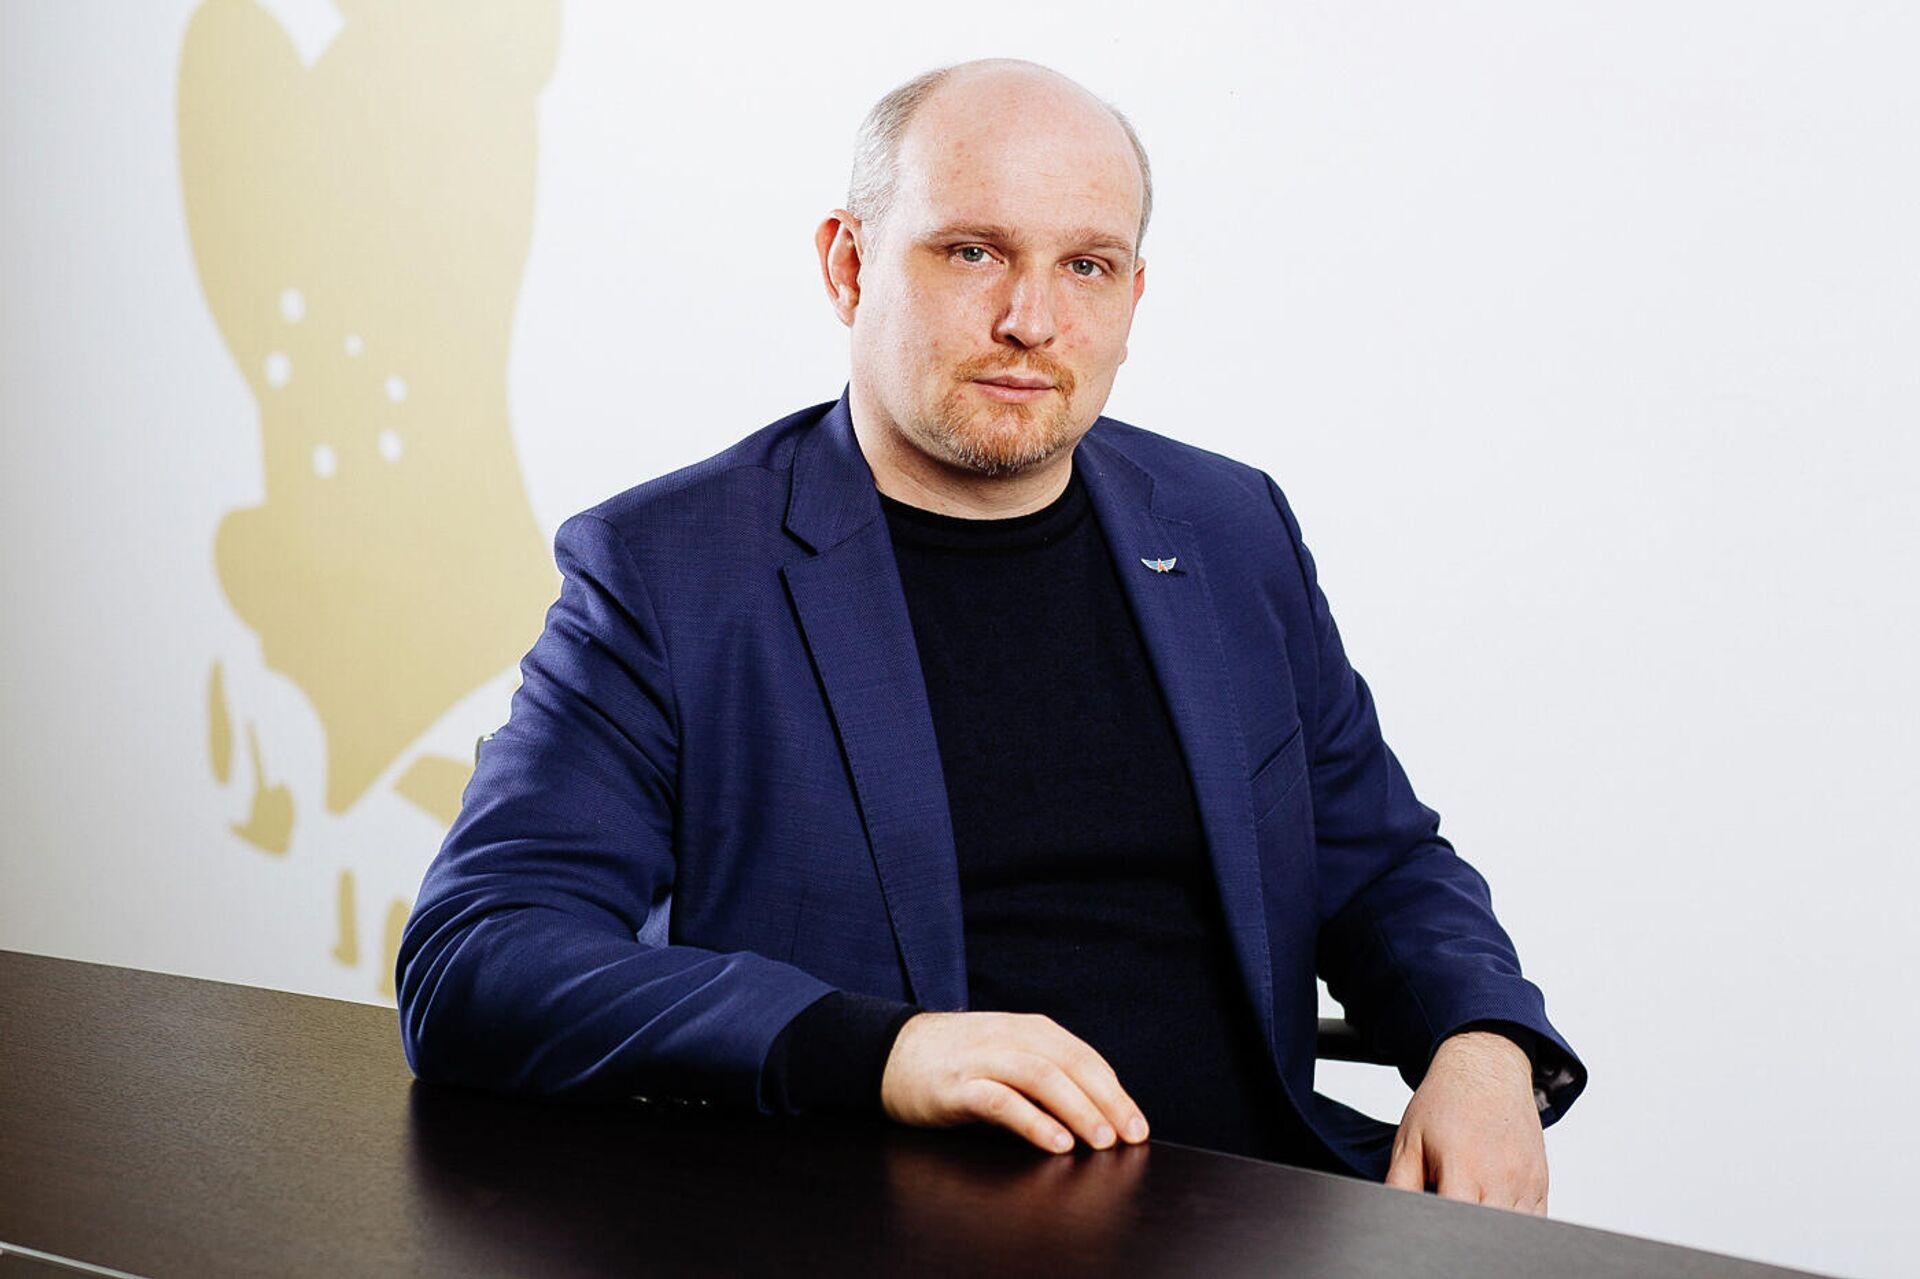 Президент Федерации компьютерного спорта России Дмитрий Смит - РИА Новости, 1920, 02.10.2020